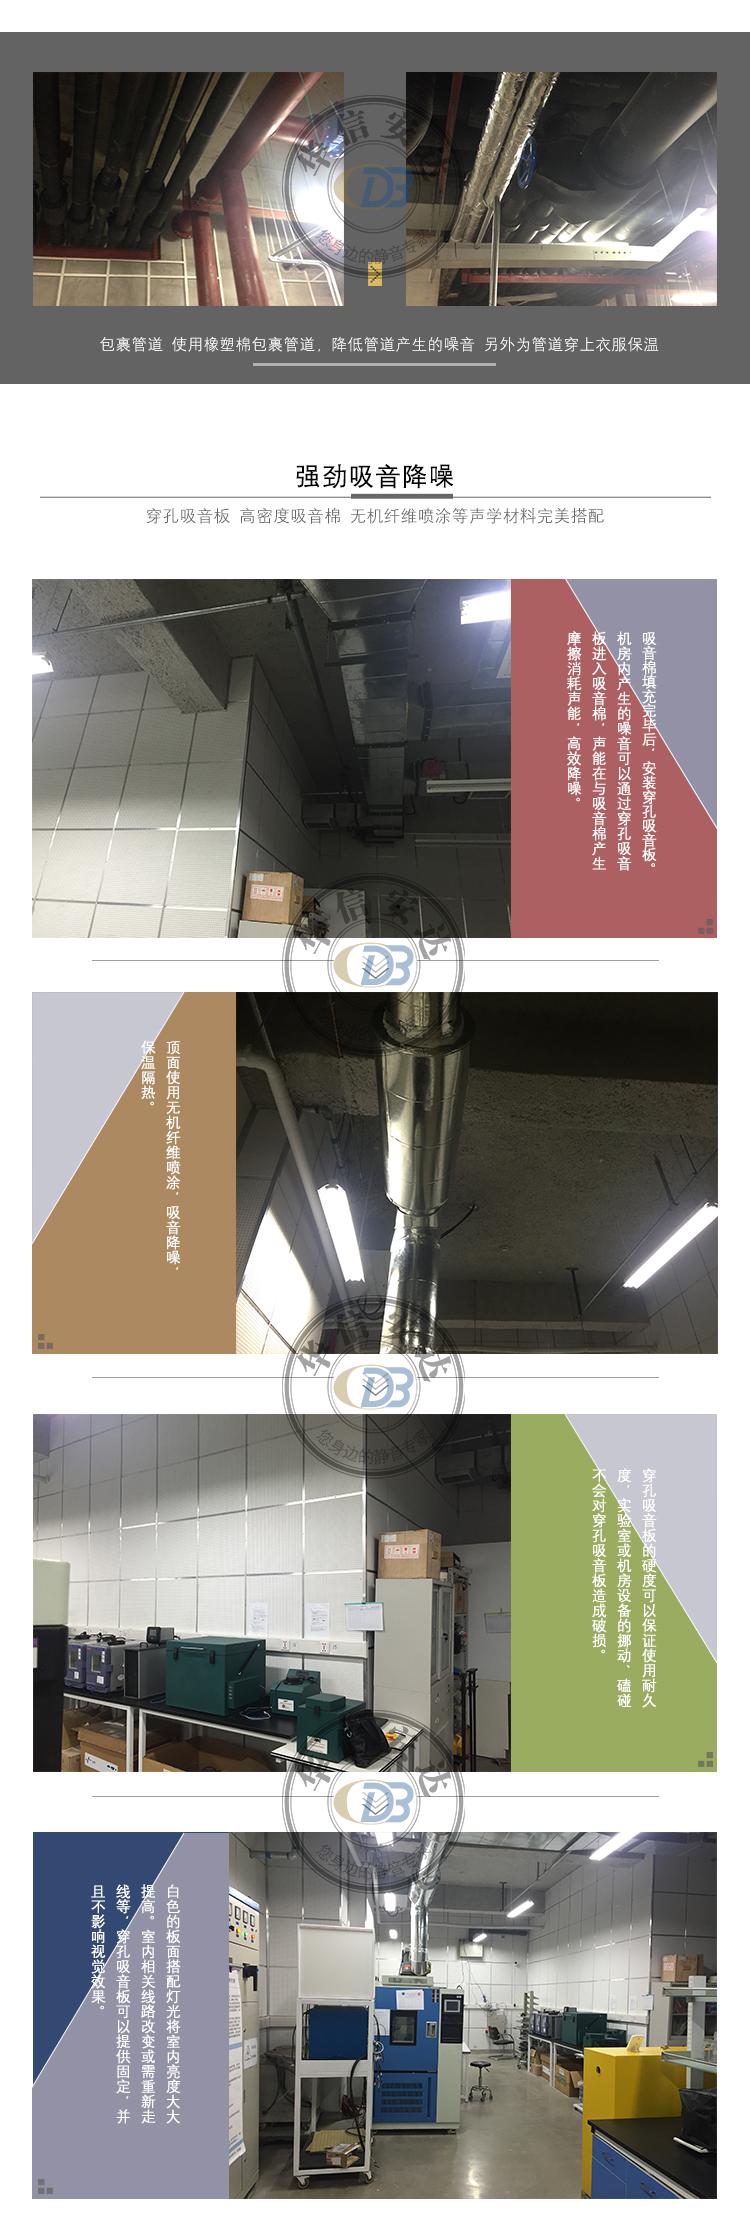 机房案例-清华大学实验室_02